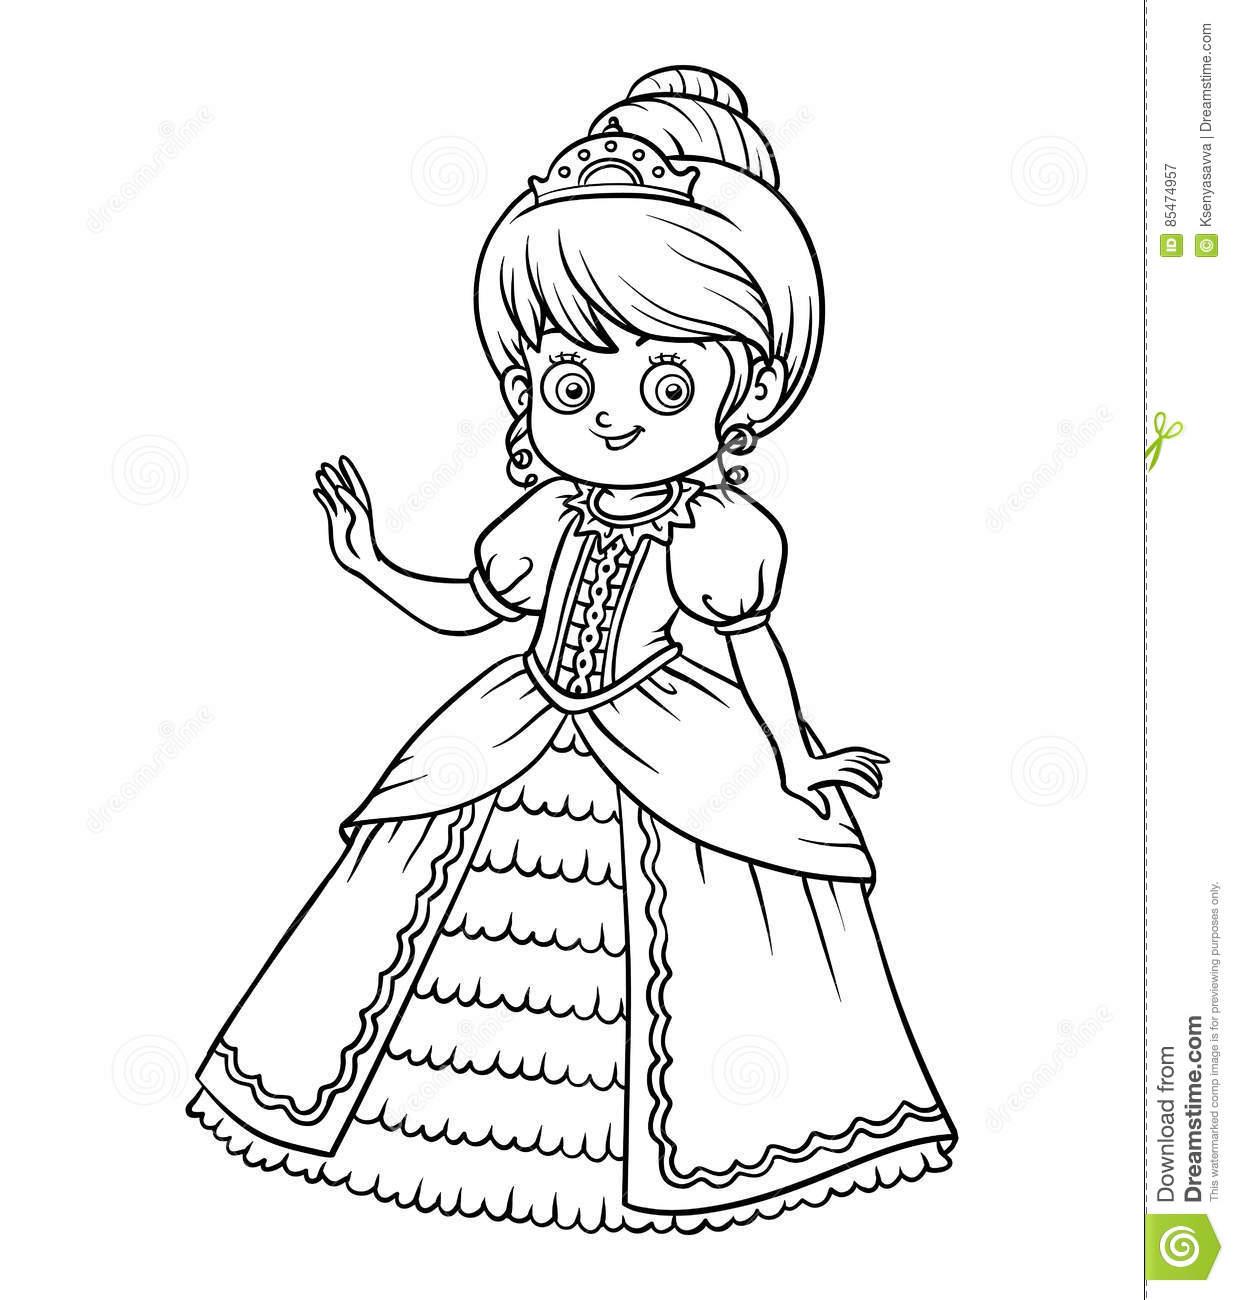 Livre De Coloriage, Personnage De Dessin Animé, Princesse tout Personnage A Colorier